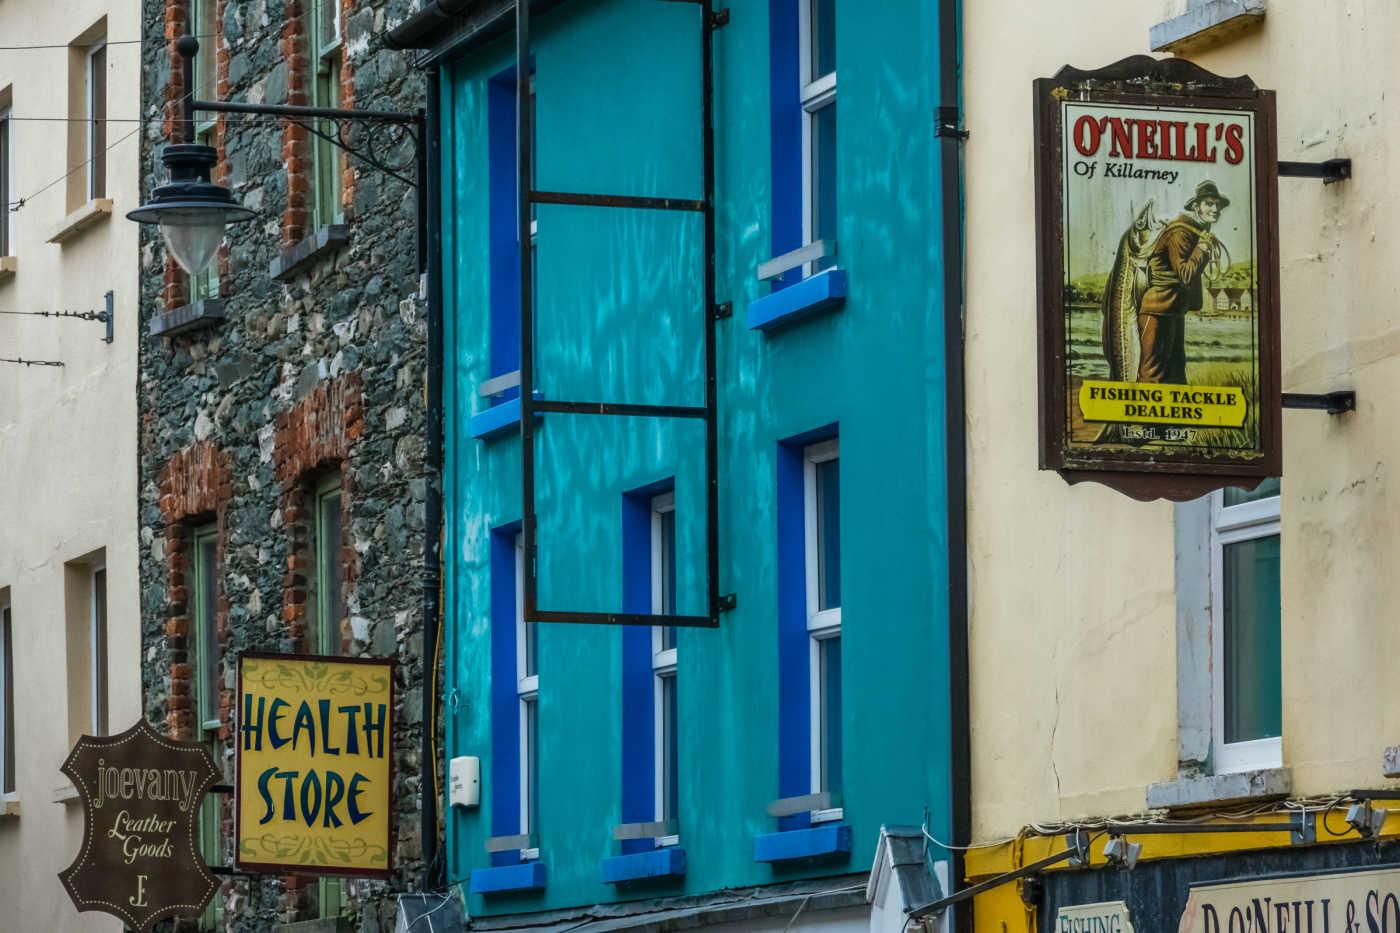 Travel Guide to Killarney, Ireland